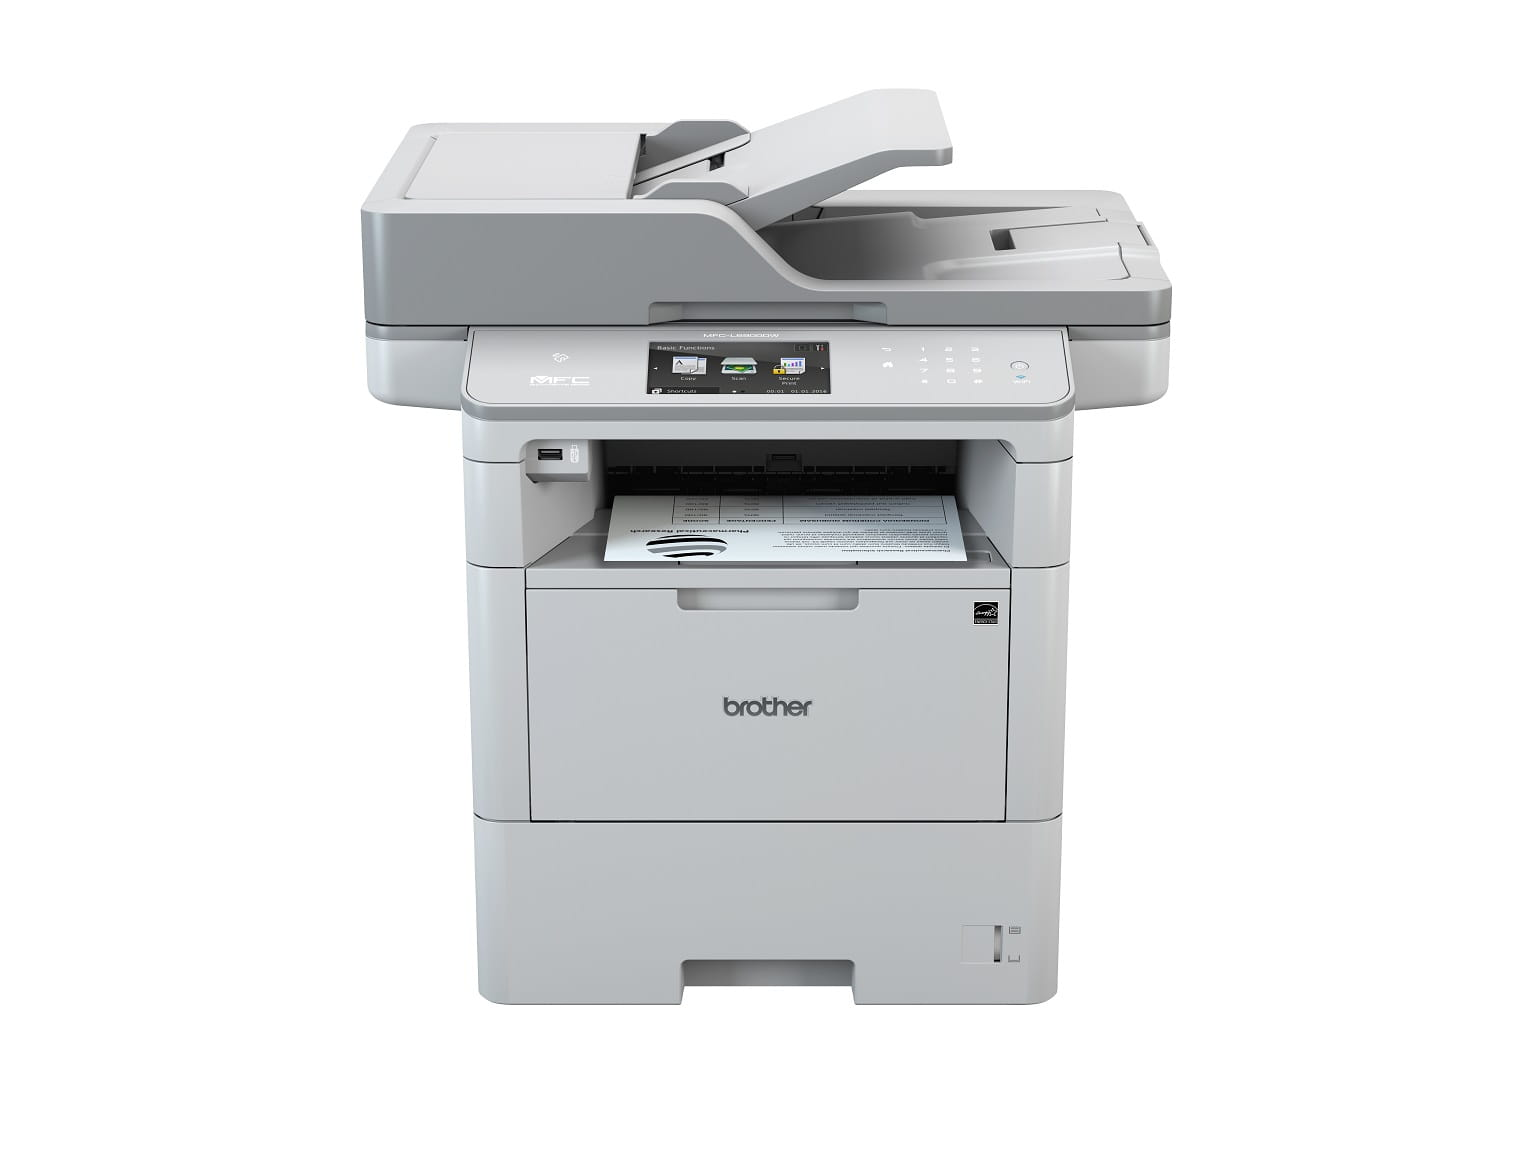 Stampante multifunzione laser Brother MFC-L6900DW con foglio stampato in uscita